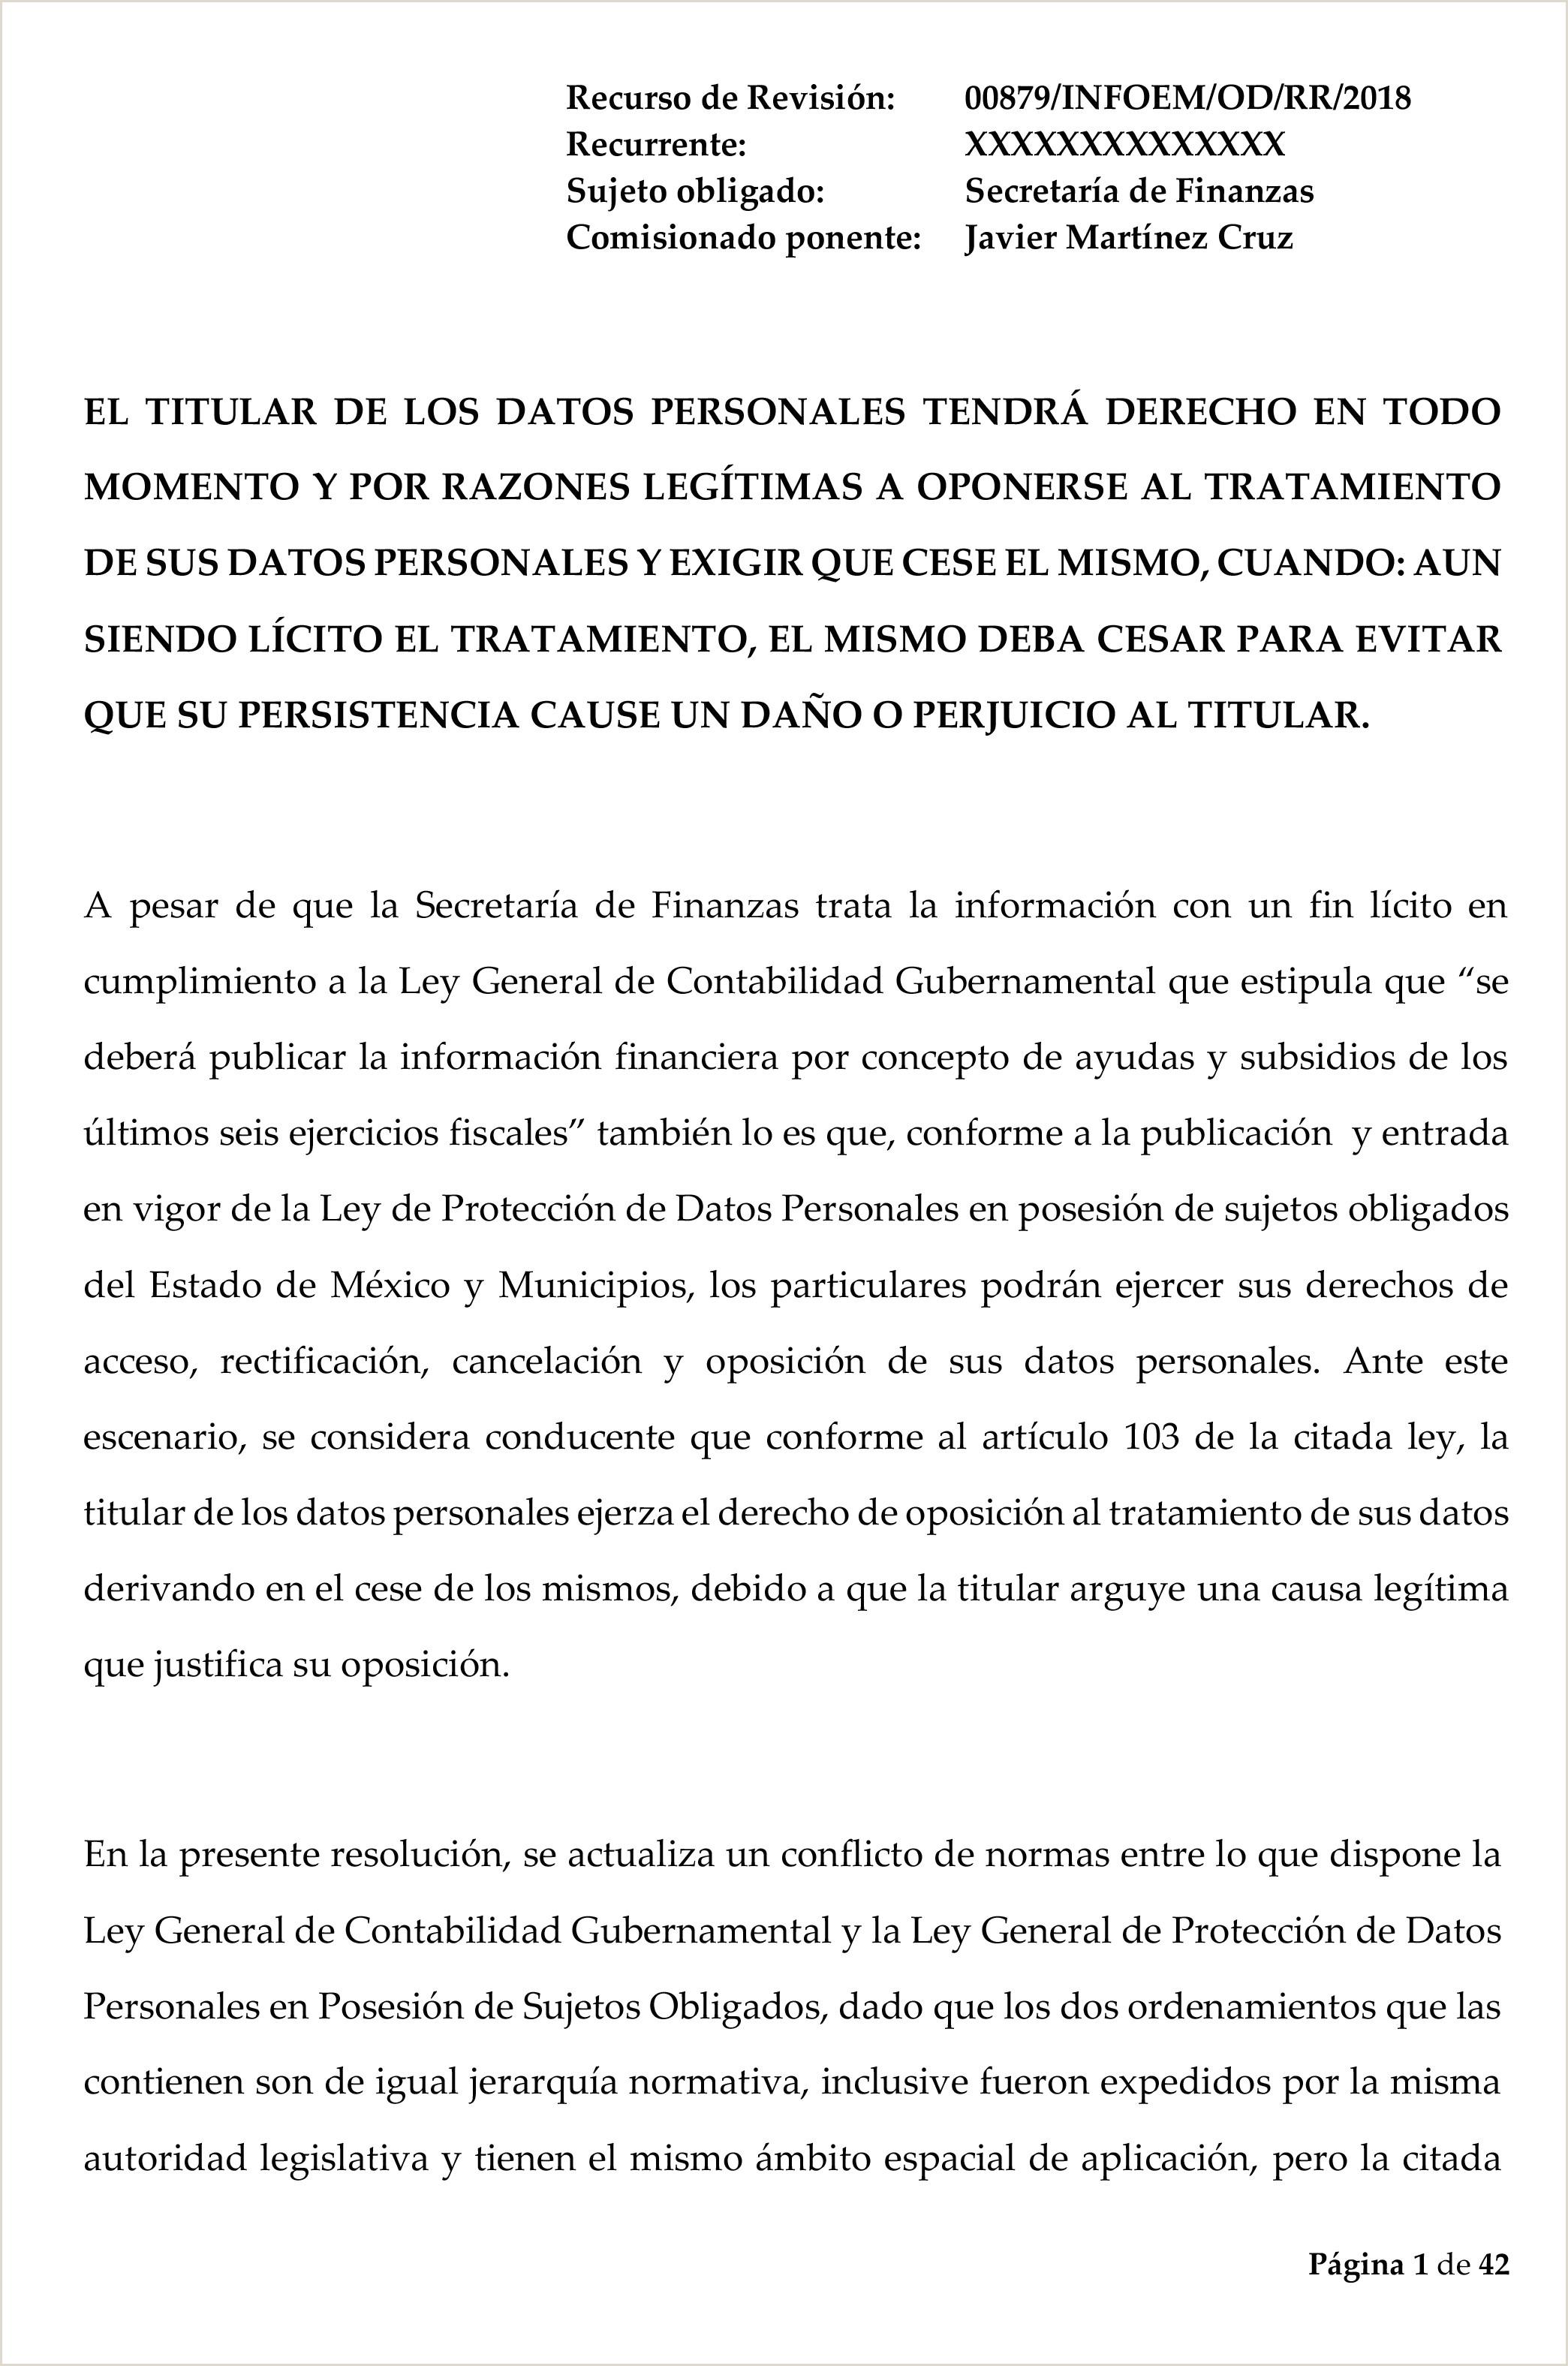 Descargar Hoja De Vida formato Unico Instituto Veracruzano De Acceso A La Informaci³n Y De